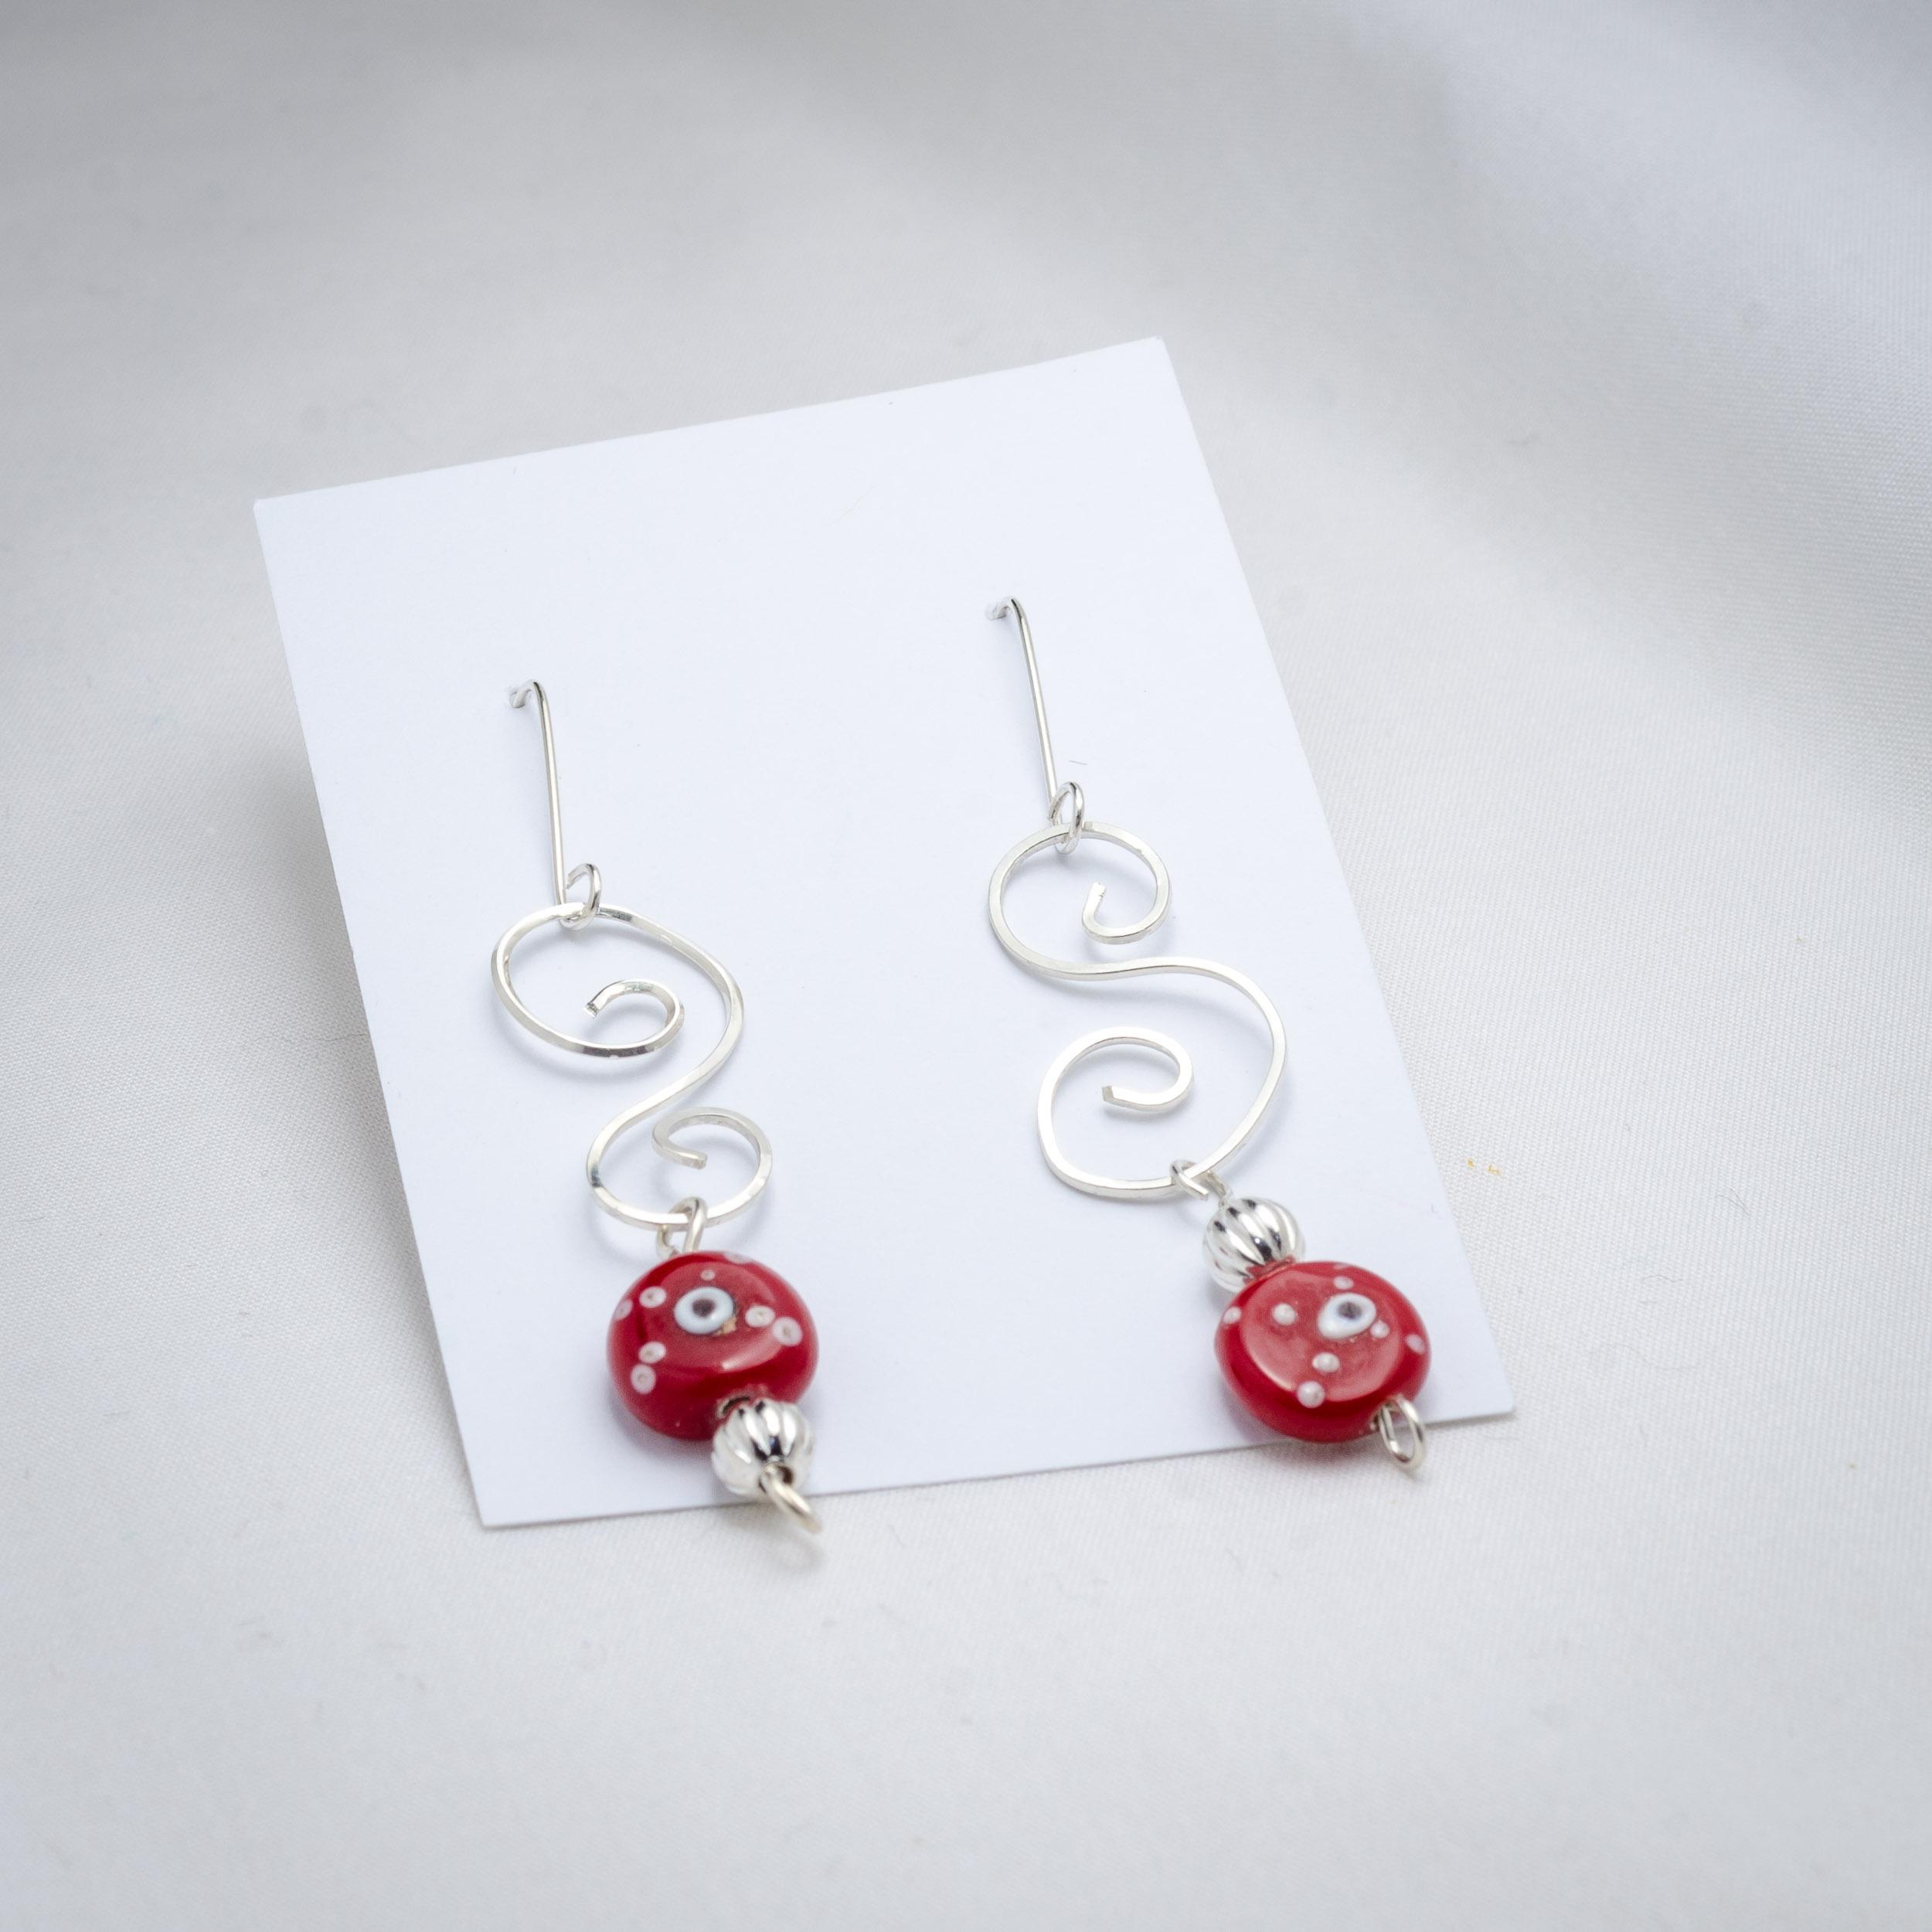 Earrings_104.JPG